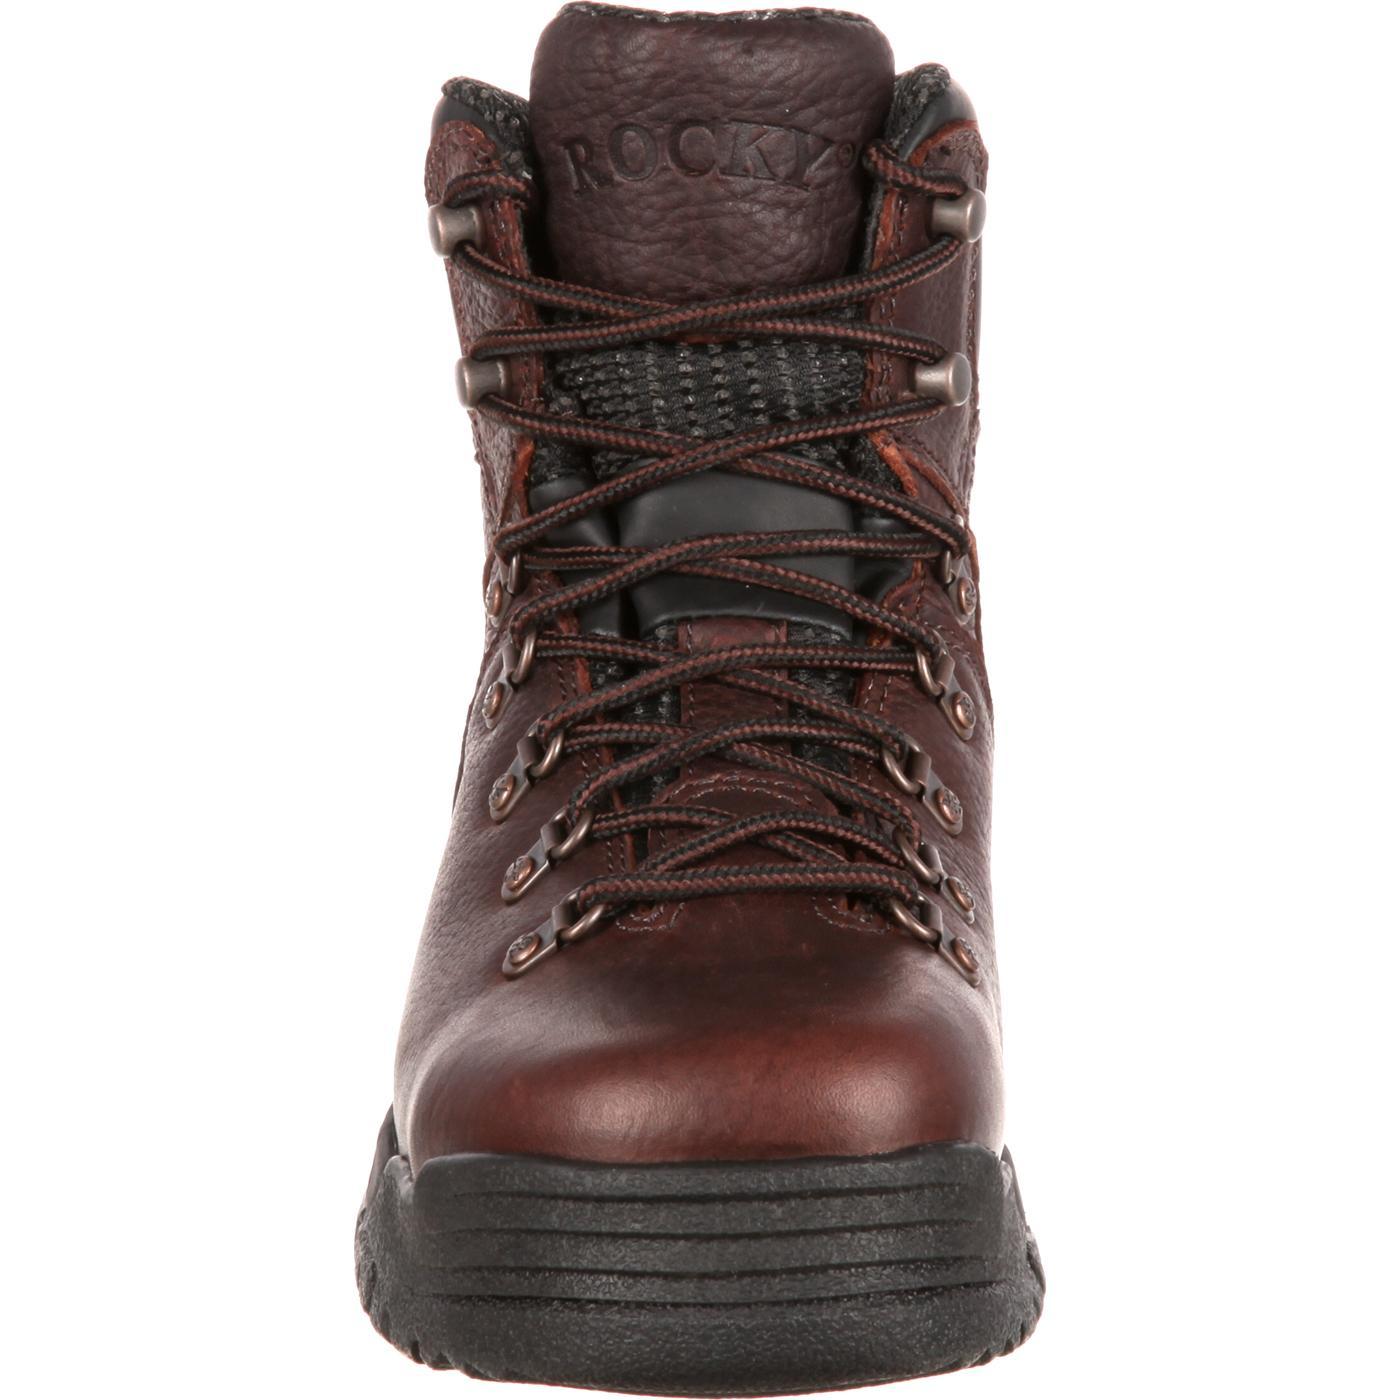 aa032f0b457 Rocky Women's Mobilite Steel Toe Waterproof Work Boot